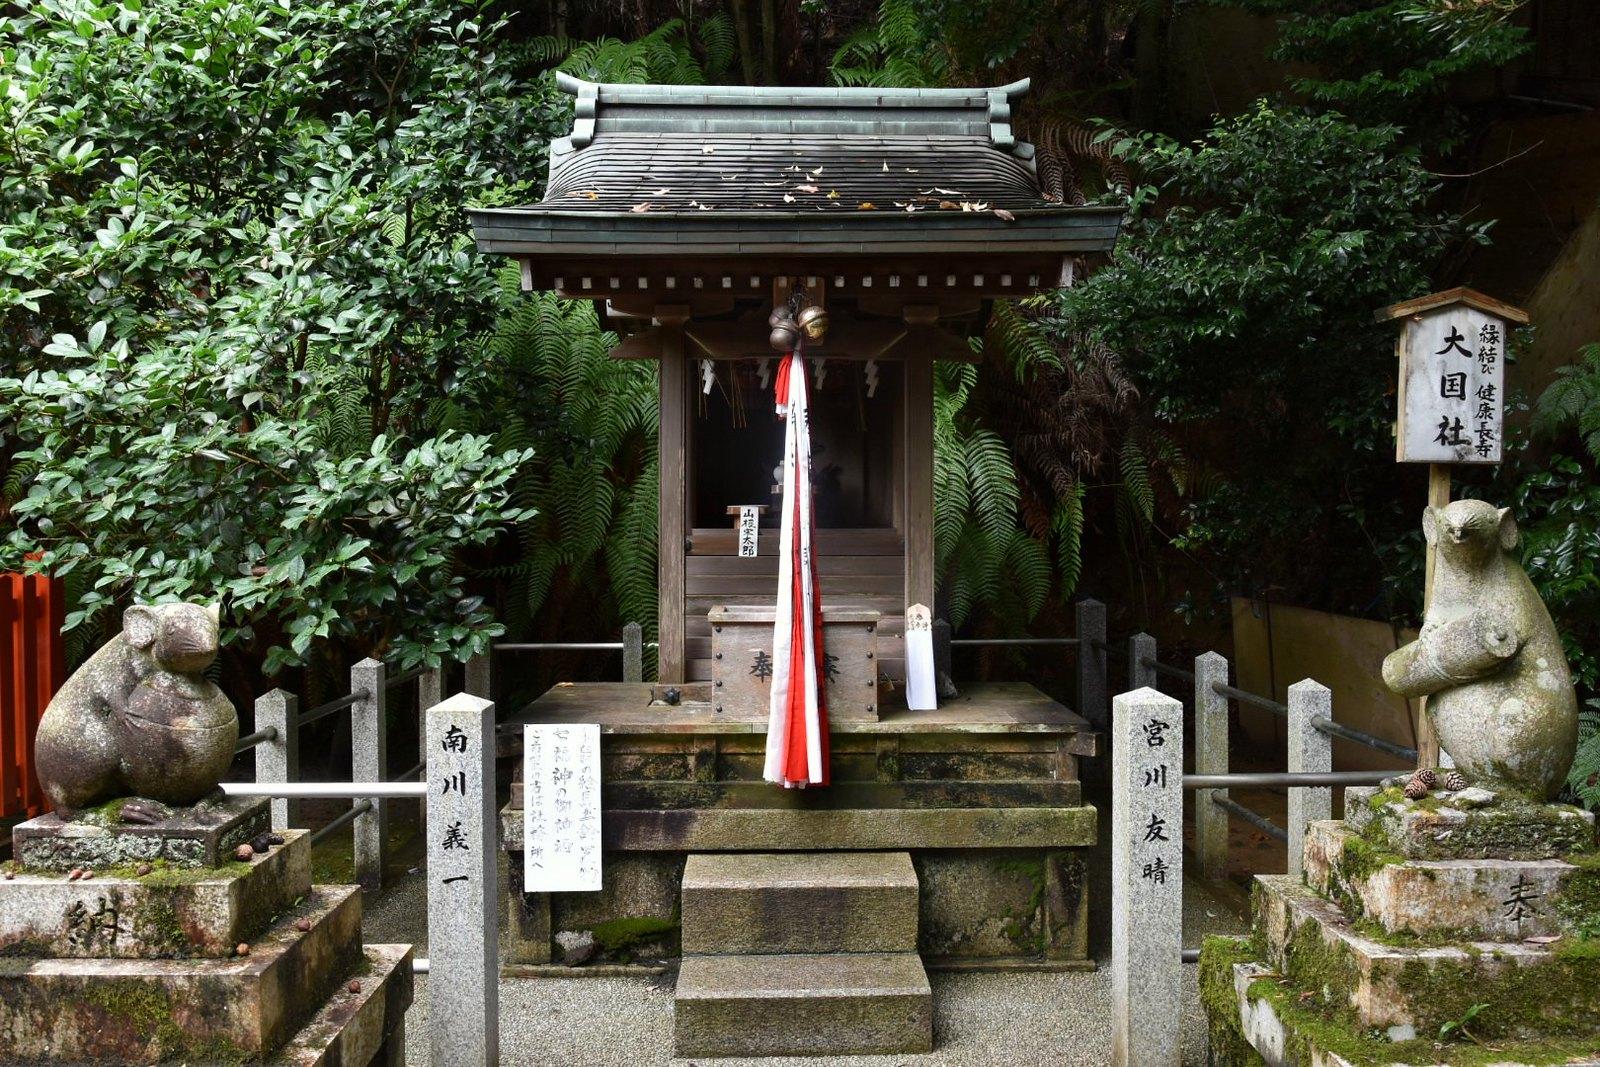 Kyôtô - Chemin de la philosophie